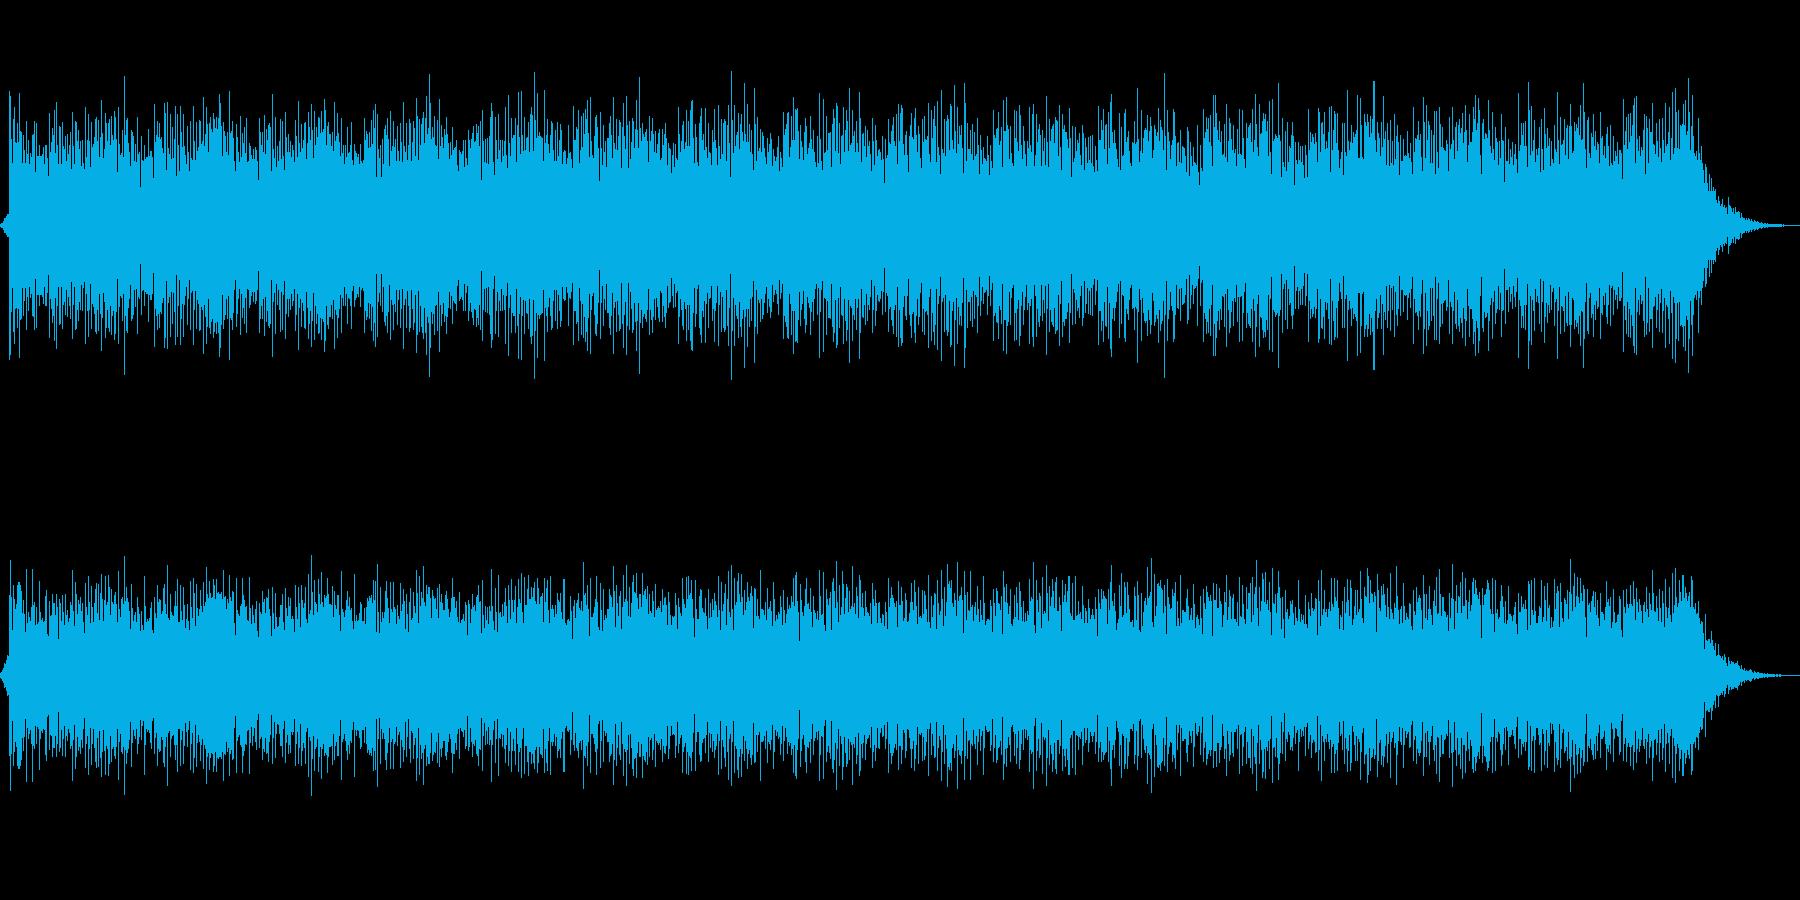 冬をイメージしたTK風J-POPBGMの再生済みの波形